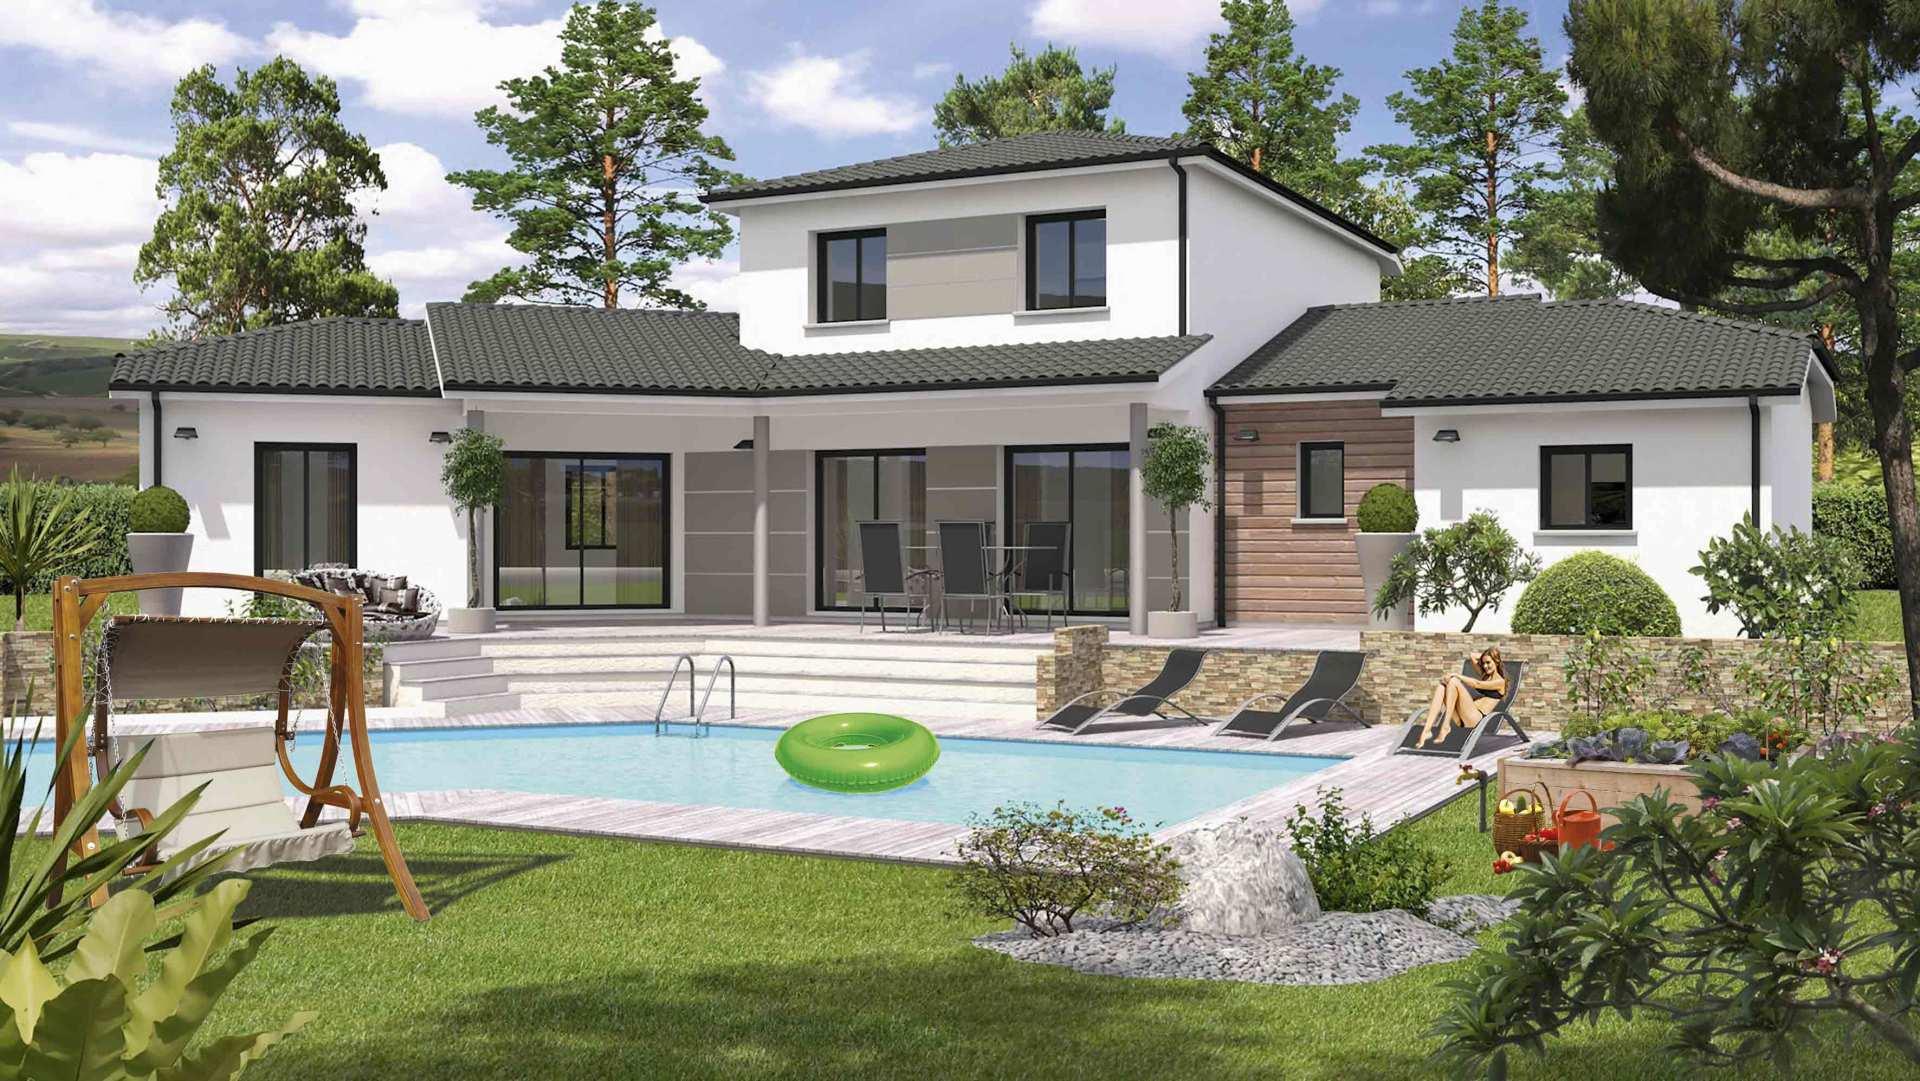 marbella maisons sic. Black Bedroom Furniture Sets. Home Design Ideas